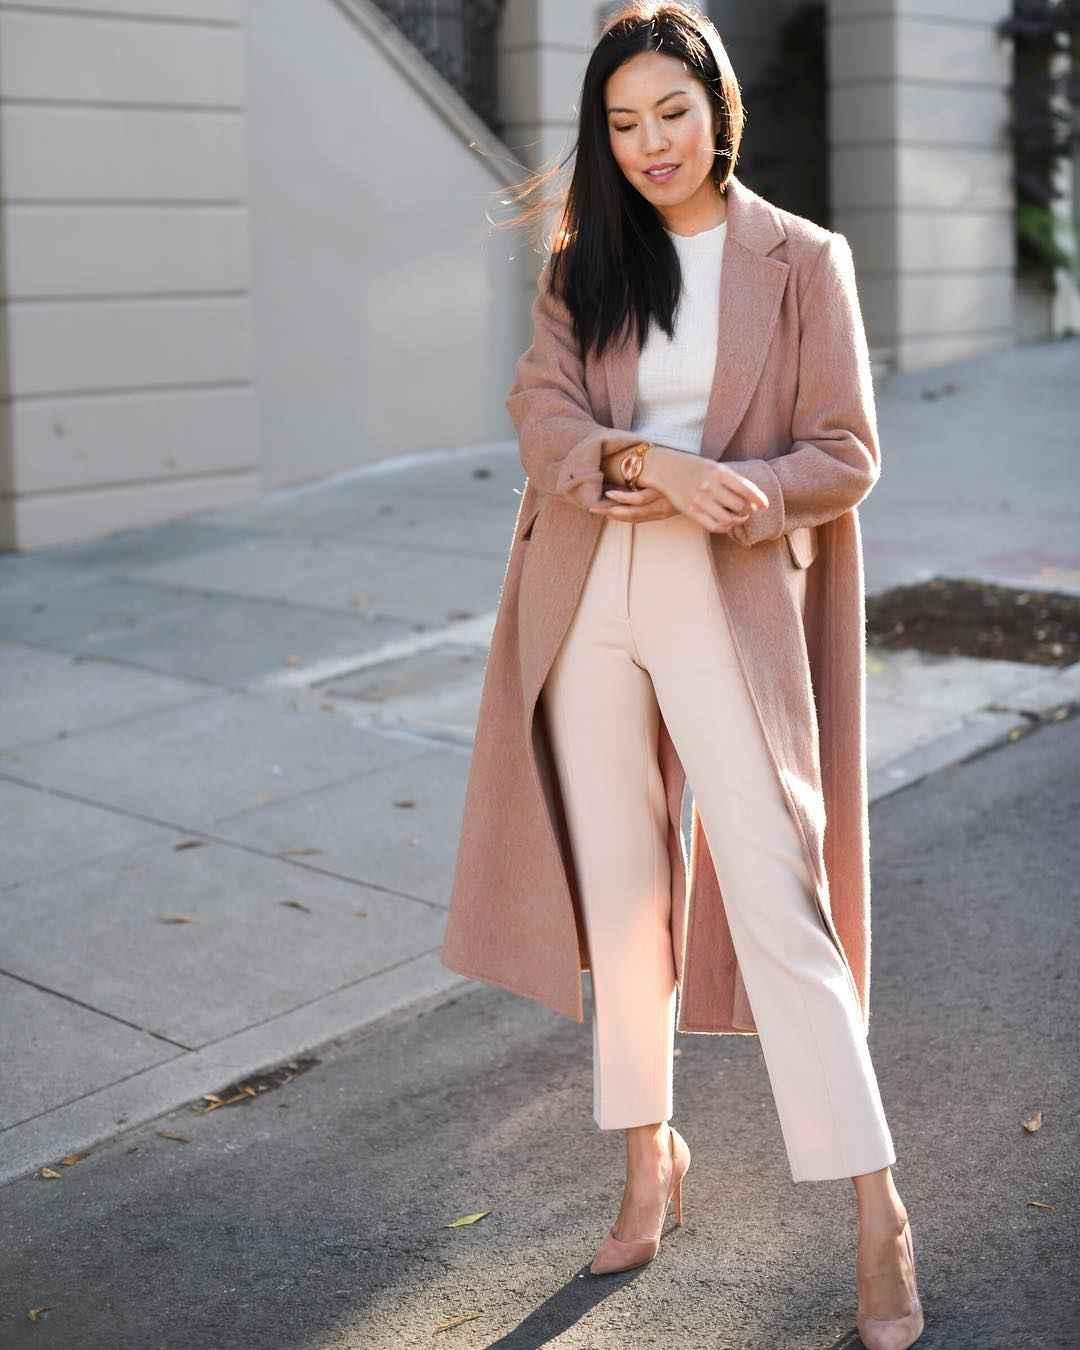 Модный офисный стиль 2019-2020 с брюками фото идеи_6